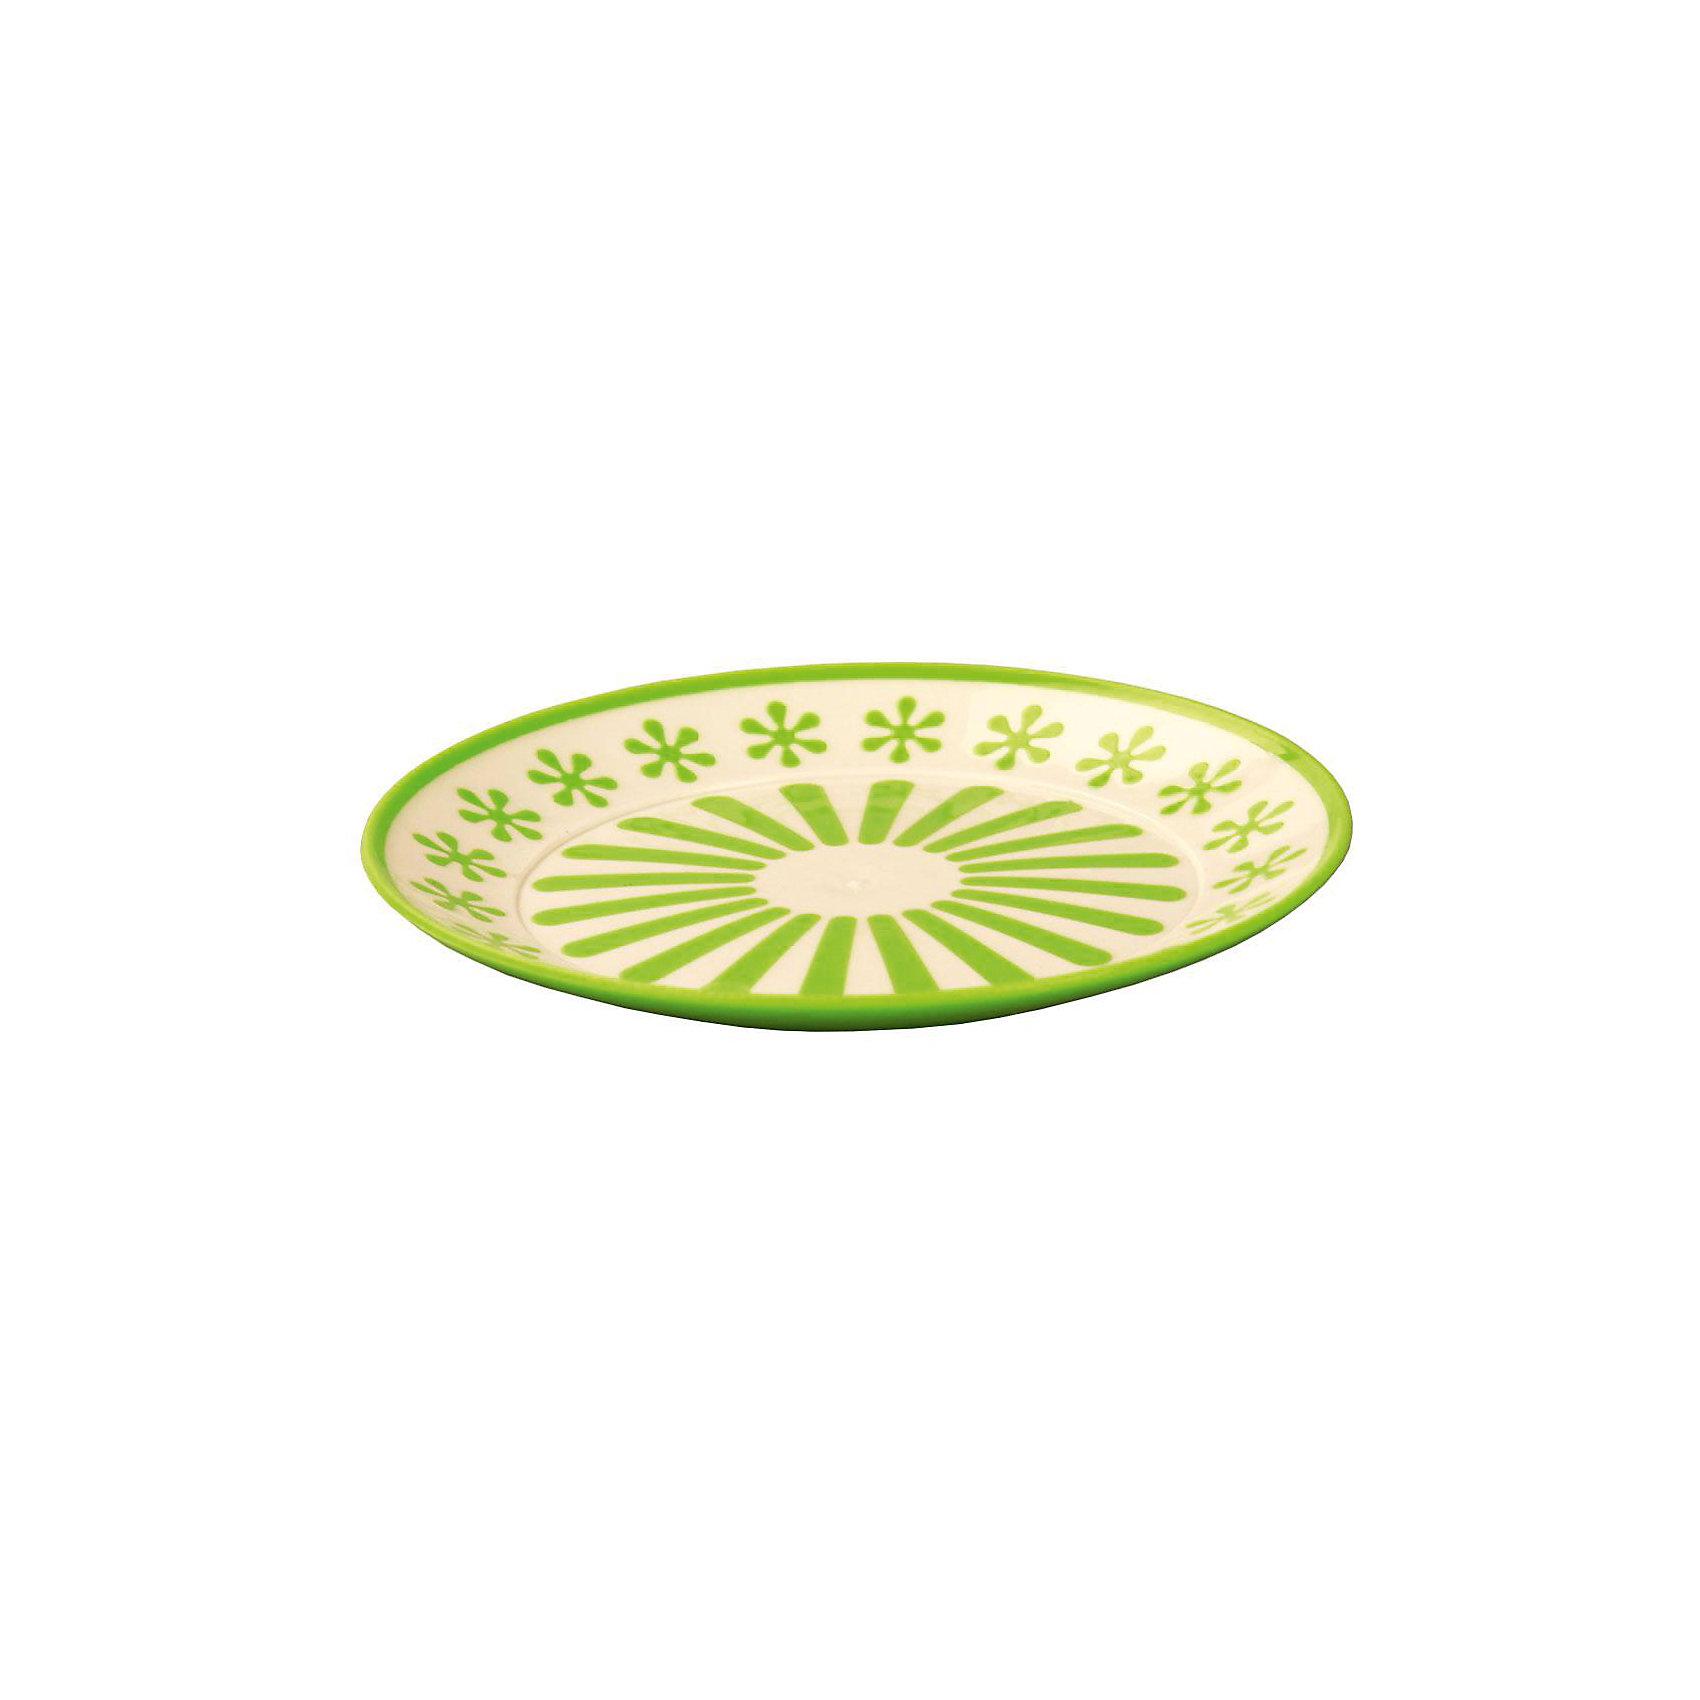 Тарелка Валенсия, Alternativa, салатовый-белыйХарактеристики:<br><br>• Предназначение: для пищевых продуктов<br>• Материал: пластик<br>• Цвет: салатовый, белый<br>• Размер (Д*Ш*В):  19*19*20 см<br>• Особенности ухода: разрешается мыть<br><br>Тарелка Валенсия, Alternativa, салатовый-белый изготовлена отечественным производителем ООО ЗПИ Альтернатива, который специализируется на выпуске широкого спектра изделий и предметов мебели из пластика. Тарелка выполнена из экологически безопасного пищевого пластика, устойчивого к механическим повреждениям и изменению цвета. Ее можно использовать для холодных пищевых продуктов, в качестве вазы для фруктов или кондитерских изделий.Тарелка выполнена в ярком дизайне. Изделие имеет компактный размер и легкий вес, поэтому его удобно брать с собой на природу и дачу. <br><br>Тарелку Валенсия, Alternativa, салатовый-белый можно купить в нашем интернет-магазине.<br><br>Ширина мм: 190<br>Глубина мм: 190<br>Высота мм: 2<br>Вес г: 74<br>Возраст от месяцев: 36<br>Возраст до месяцев: 84<br>Пол: Унисекс<br>Возраст: Детский<br>SKU: 5096703